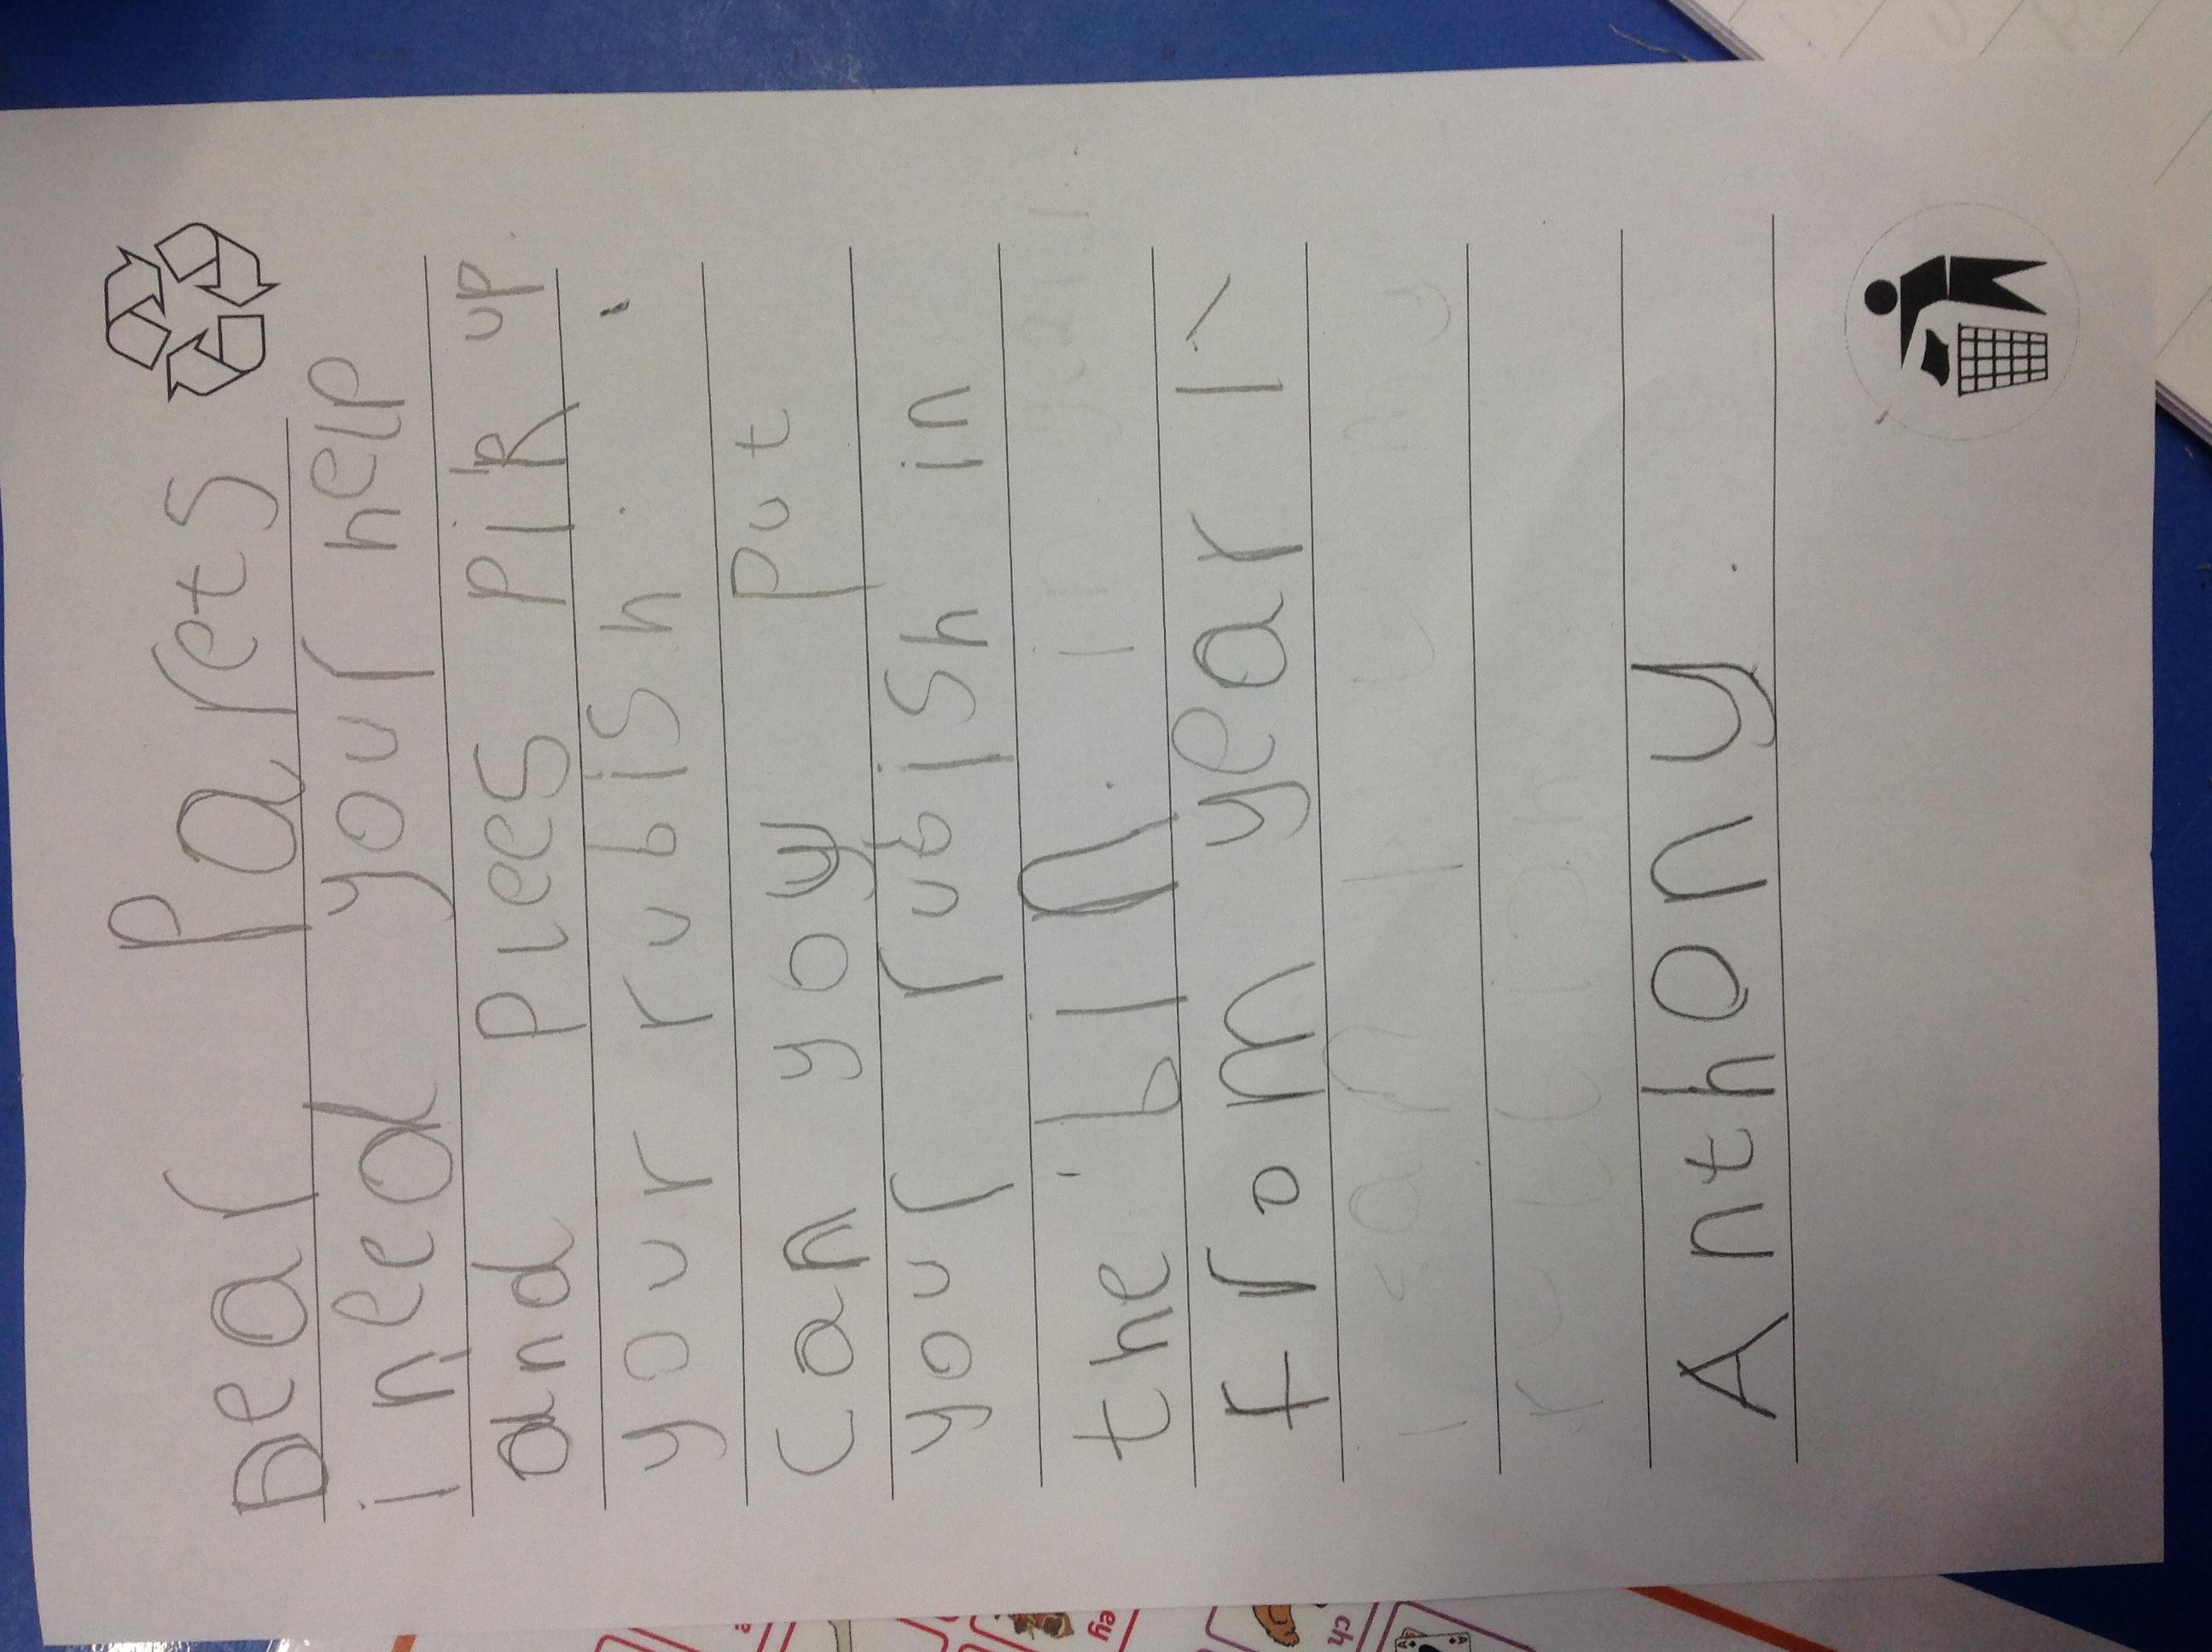 Anthony's brilliant writing!